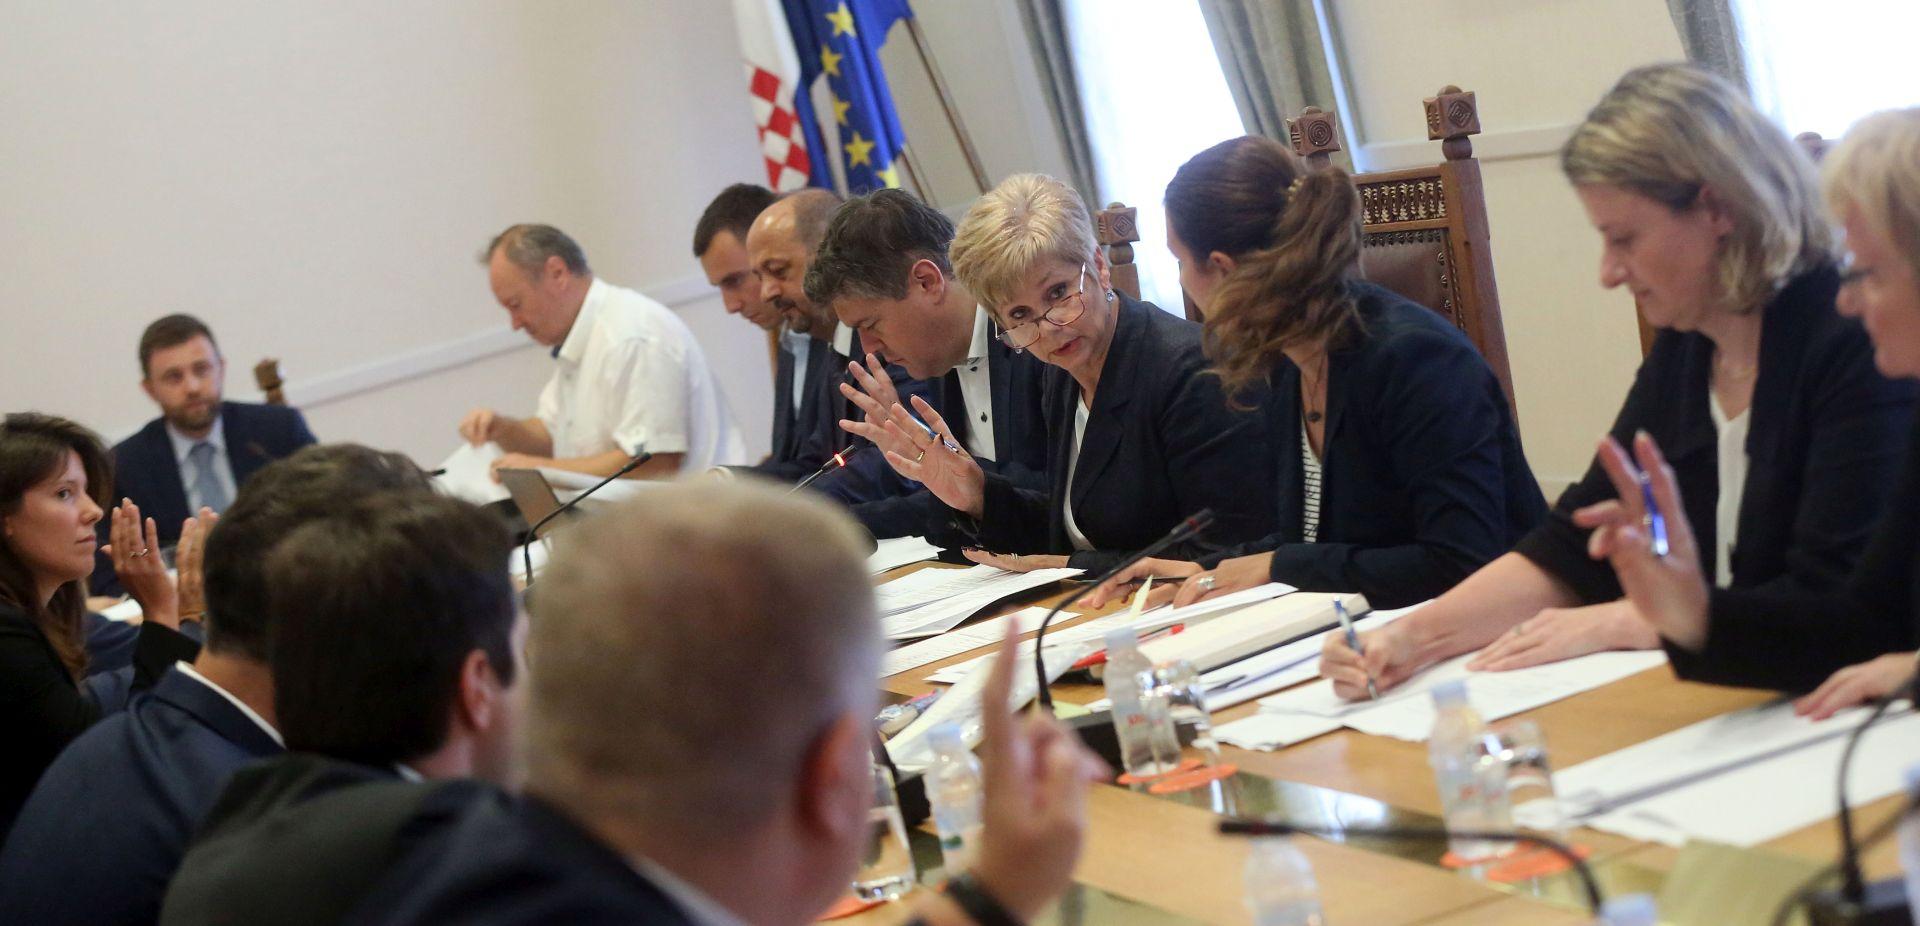 Odbor za financije podržao Vujčića za guvernera HNB-a